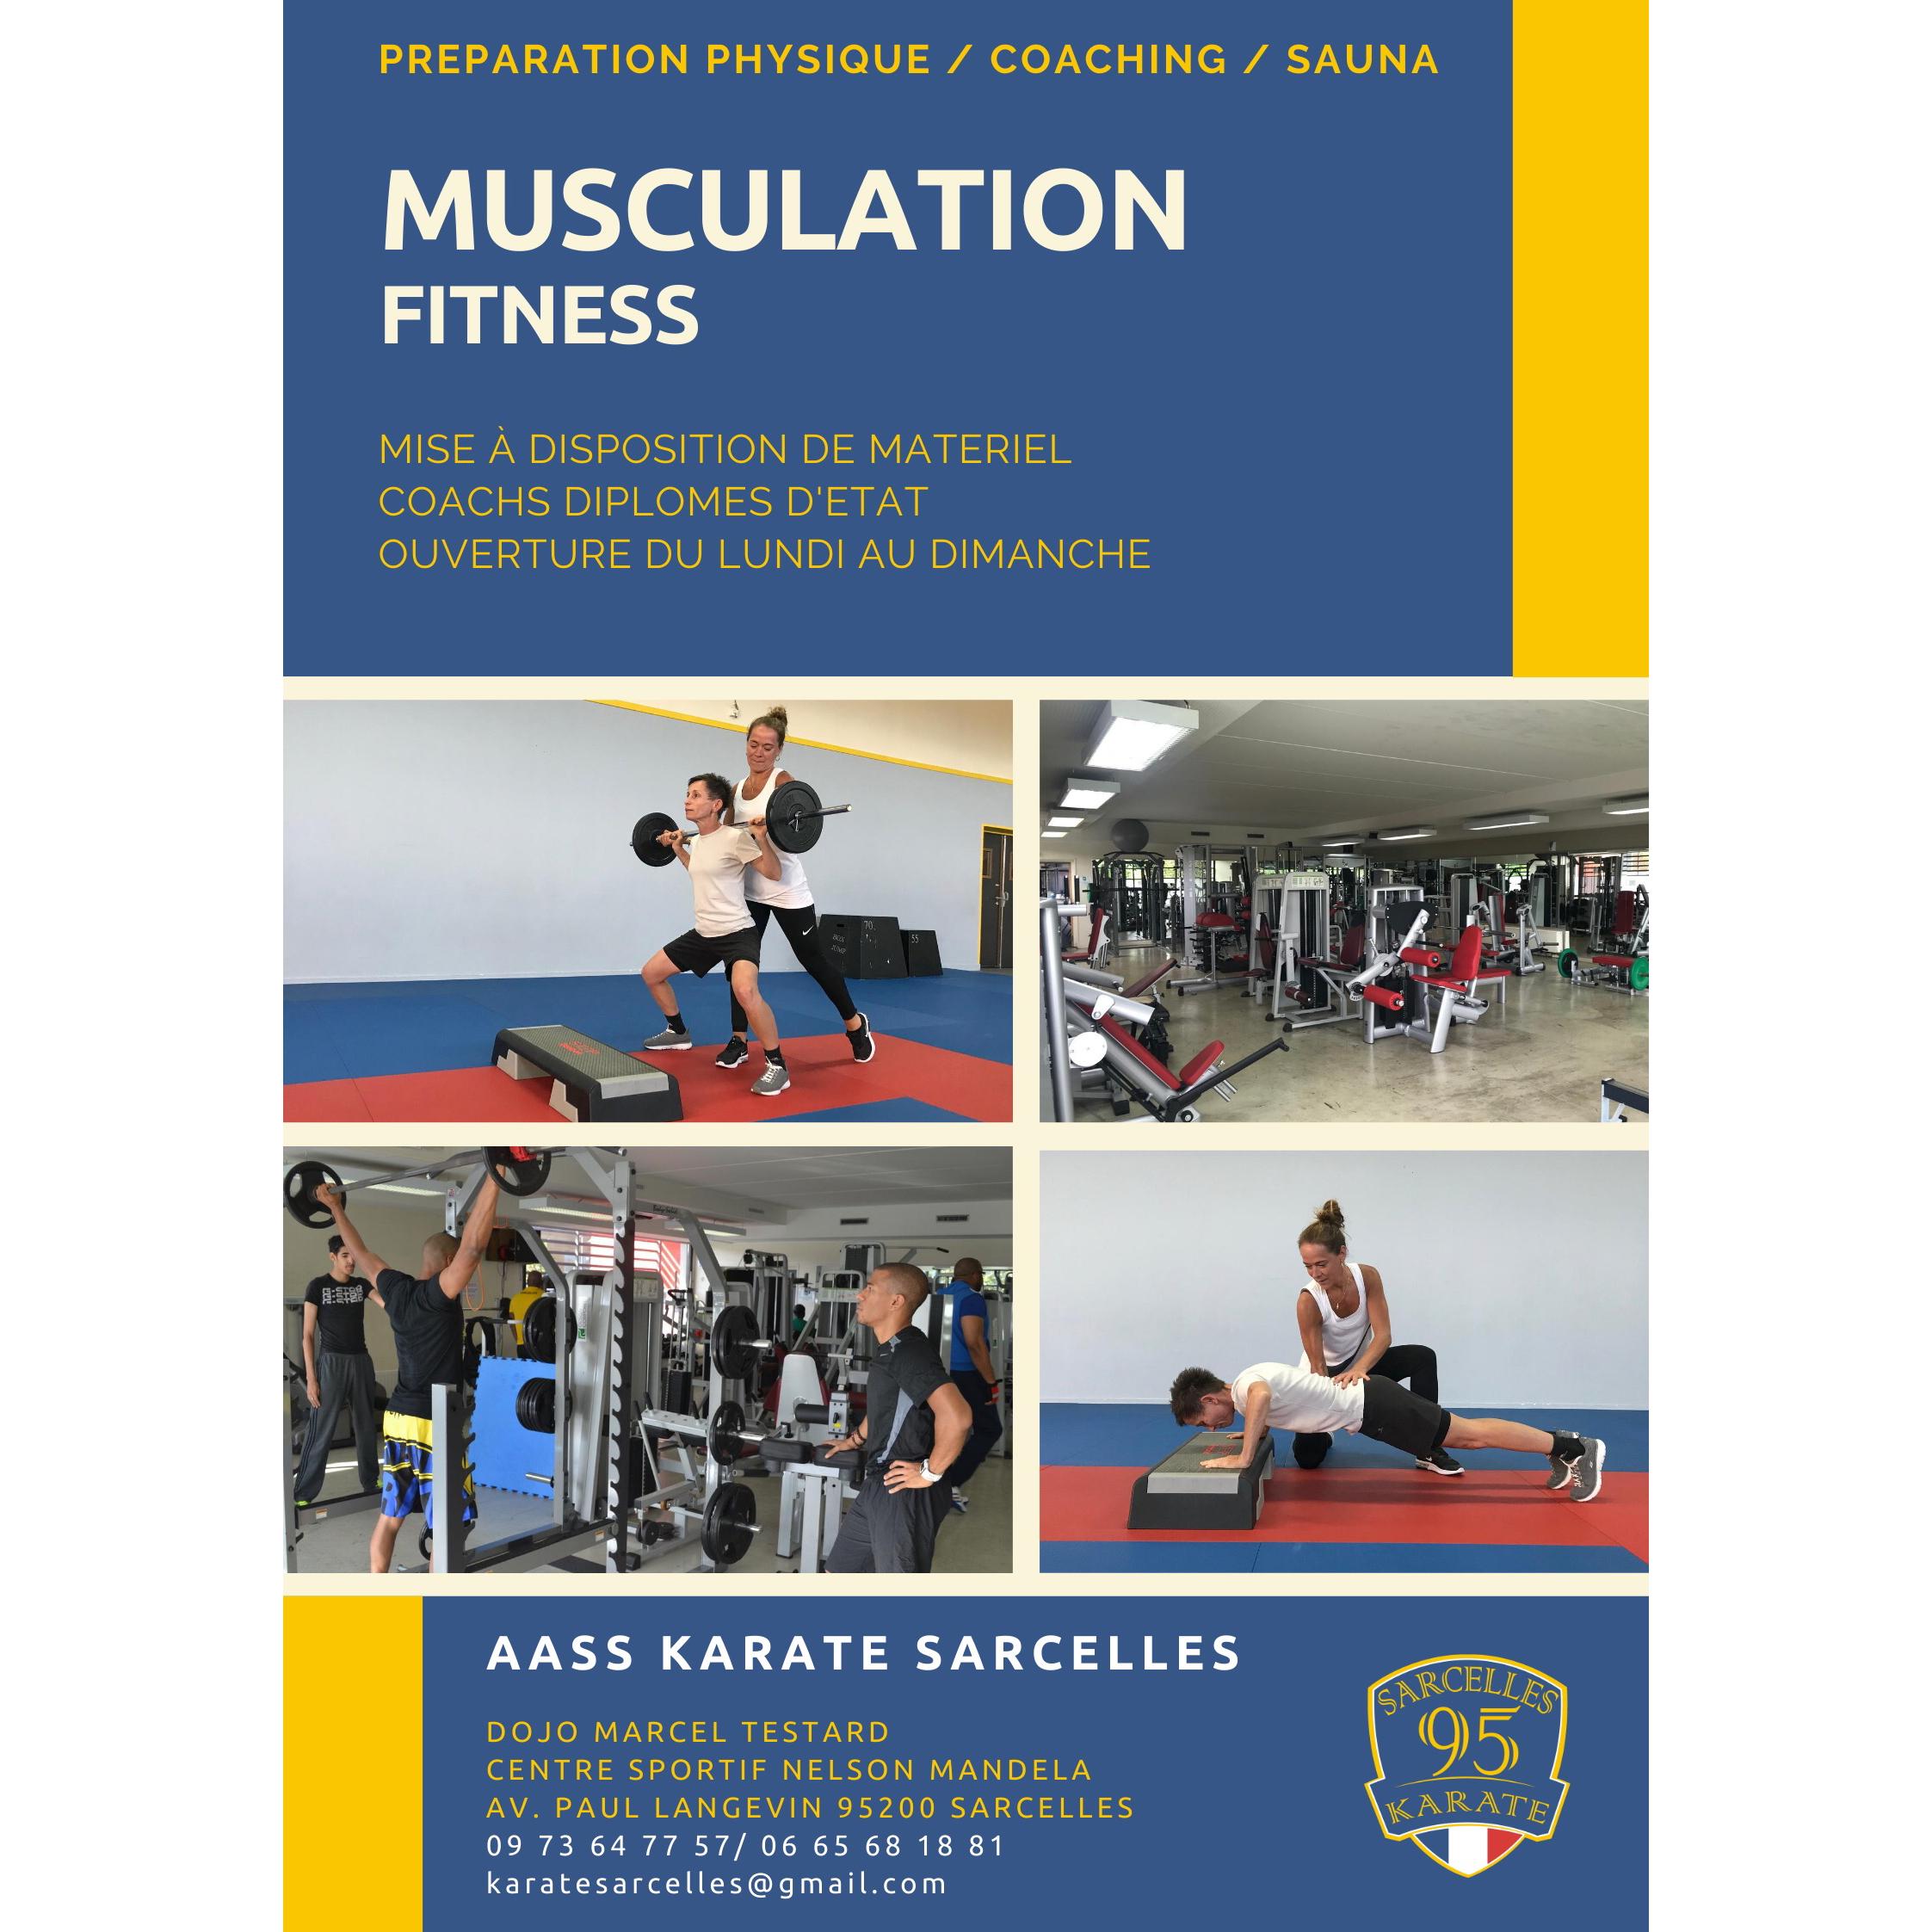 Musculation / Préparation Physique